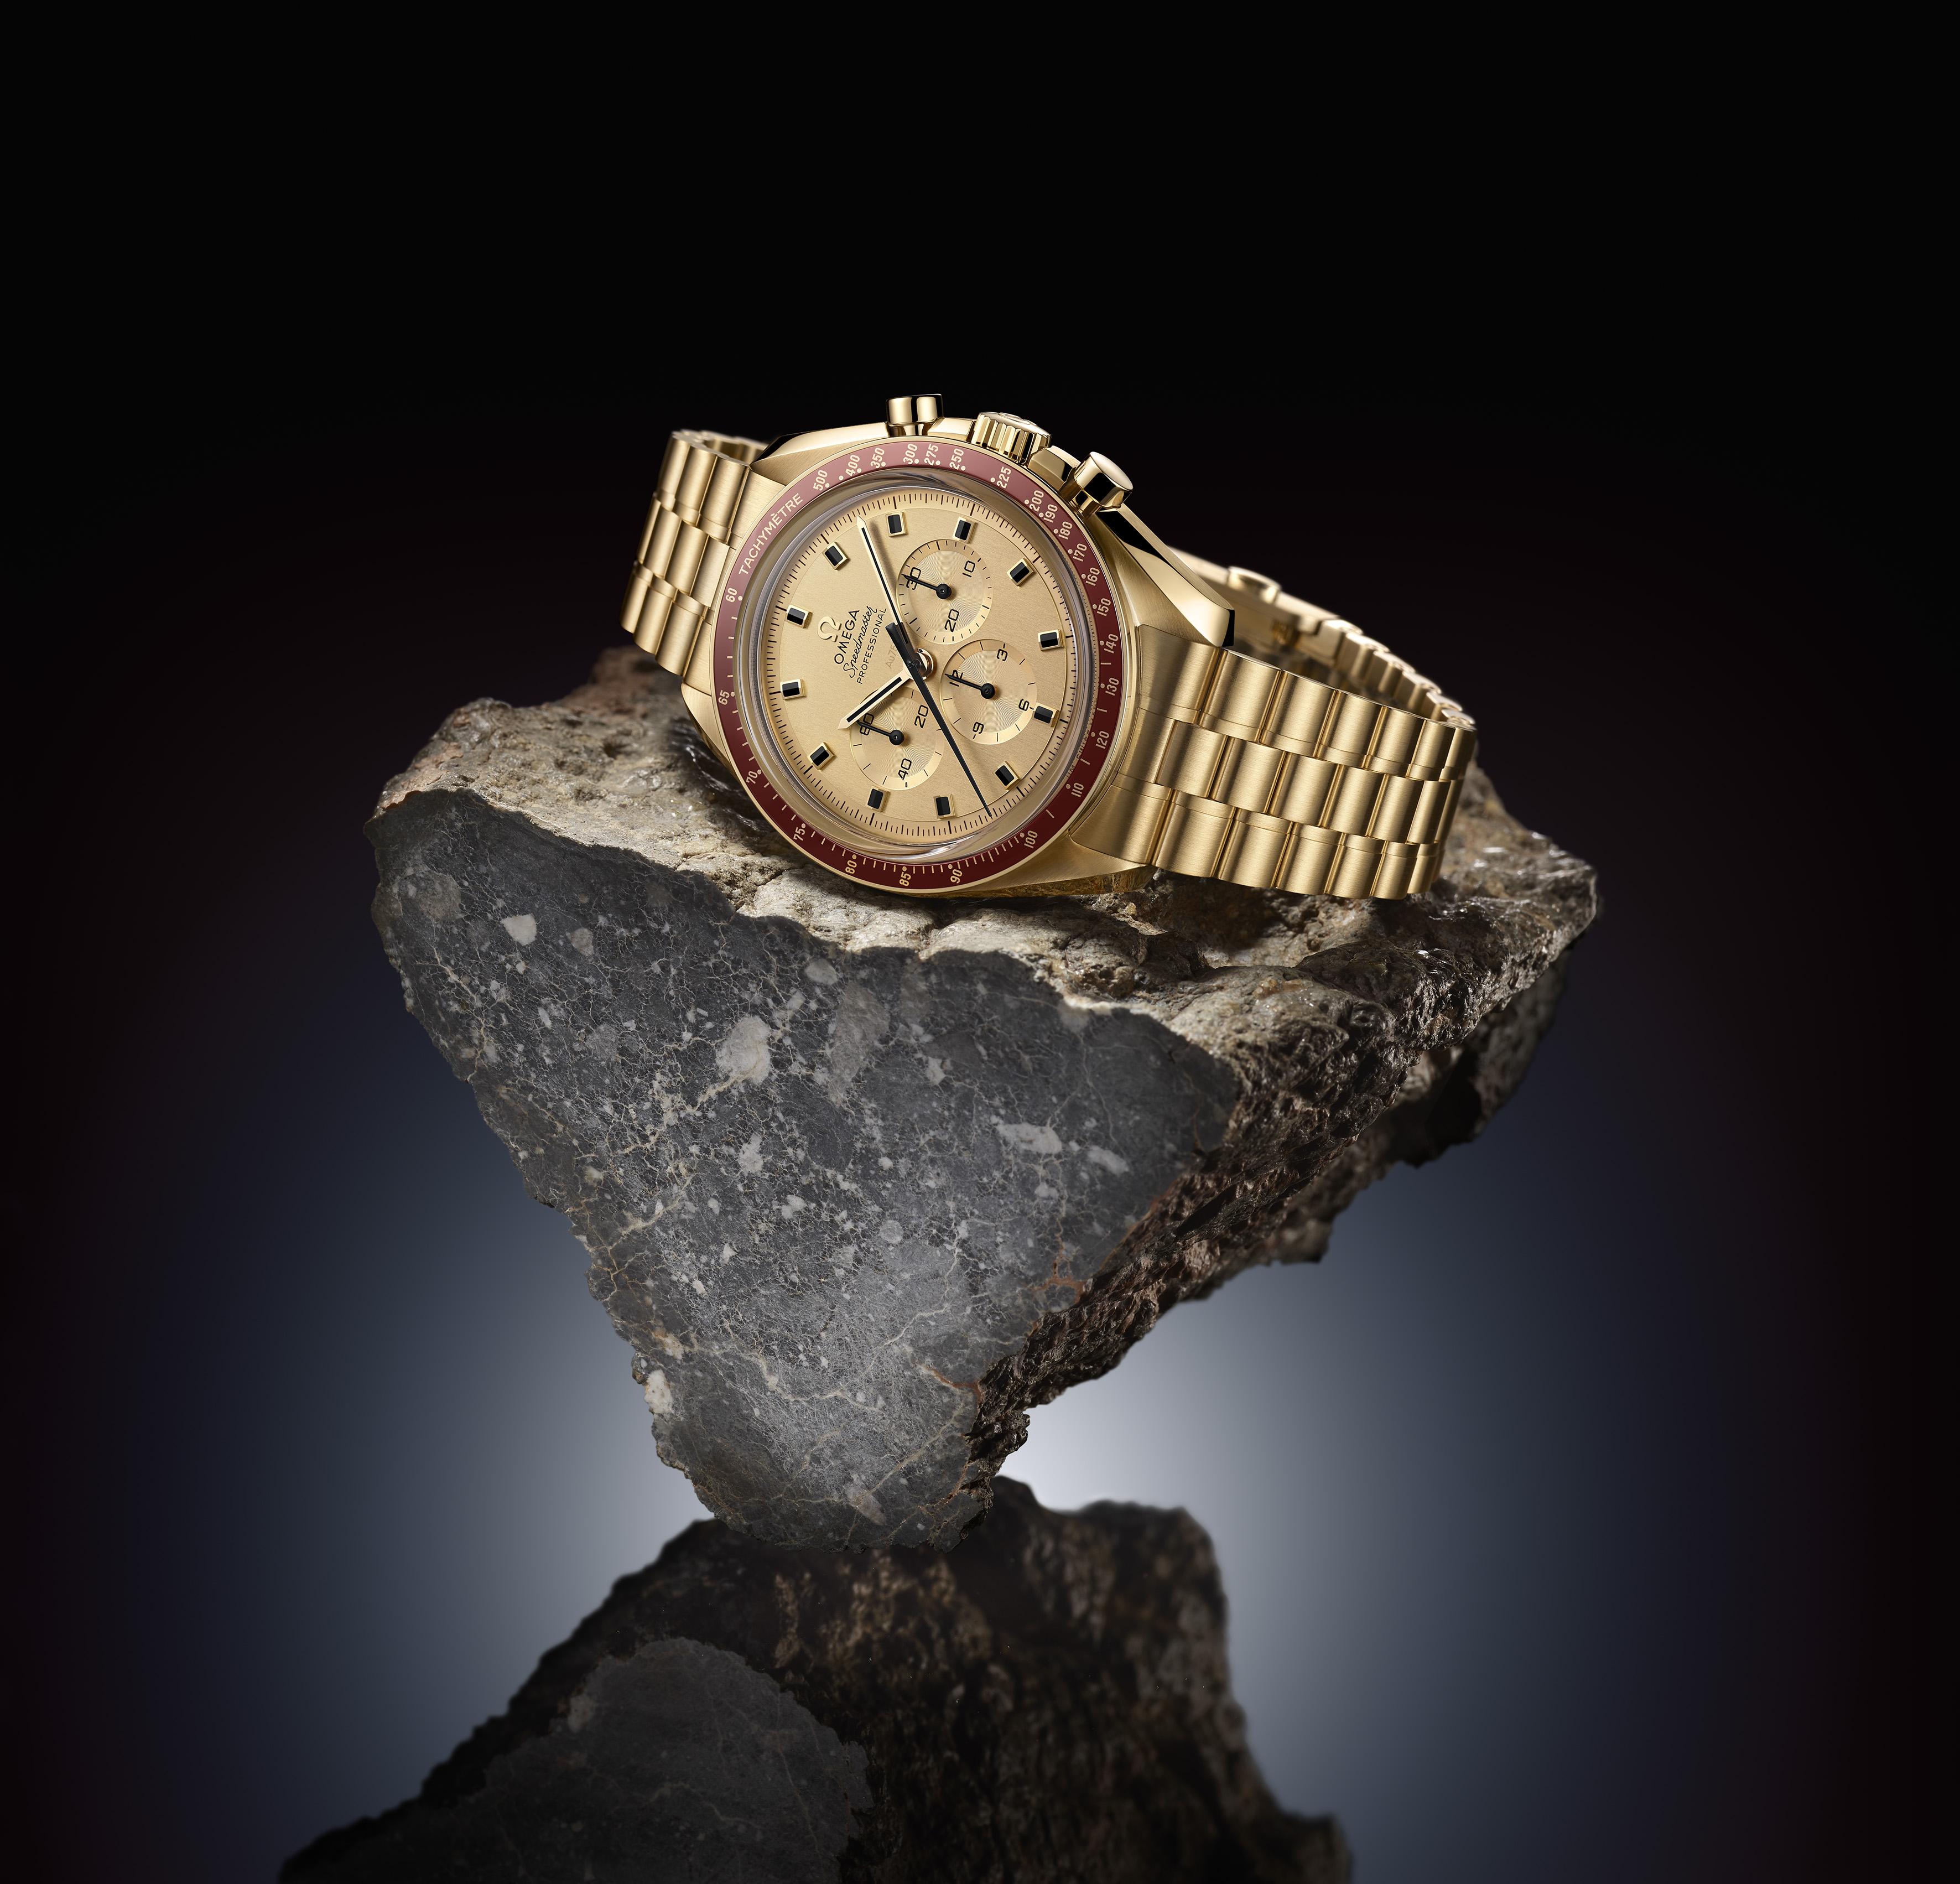 Omega Speedmaster Apollo 11 Timepiece